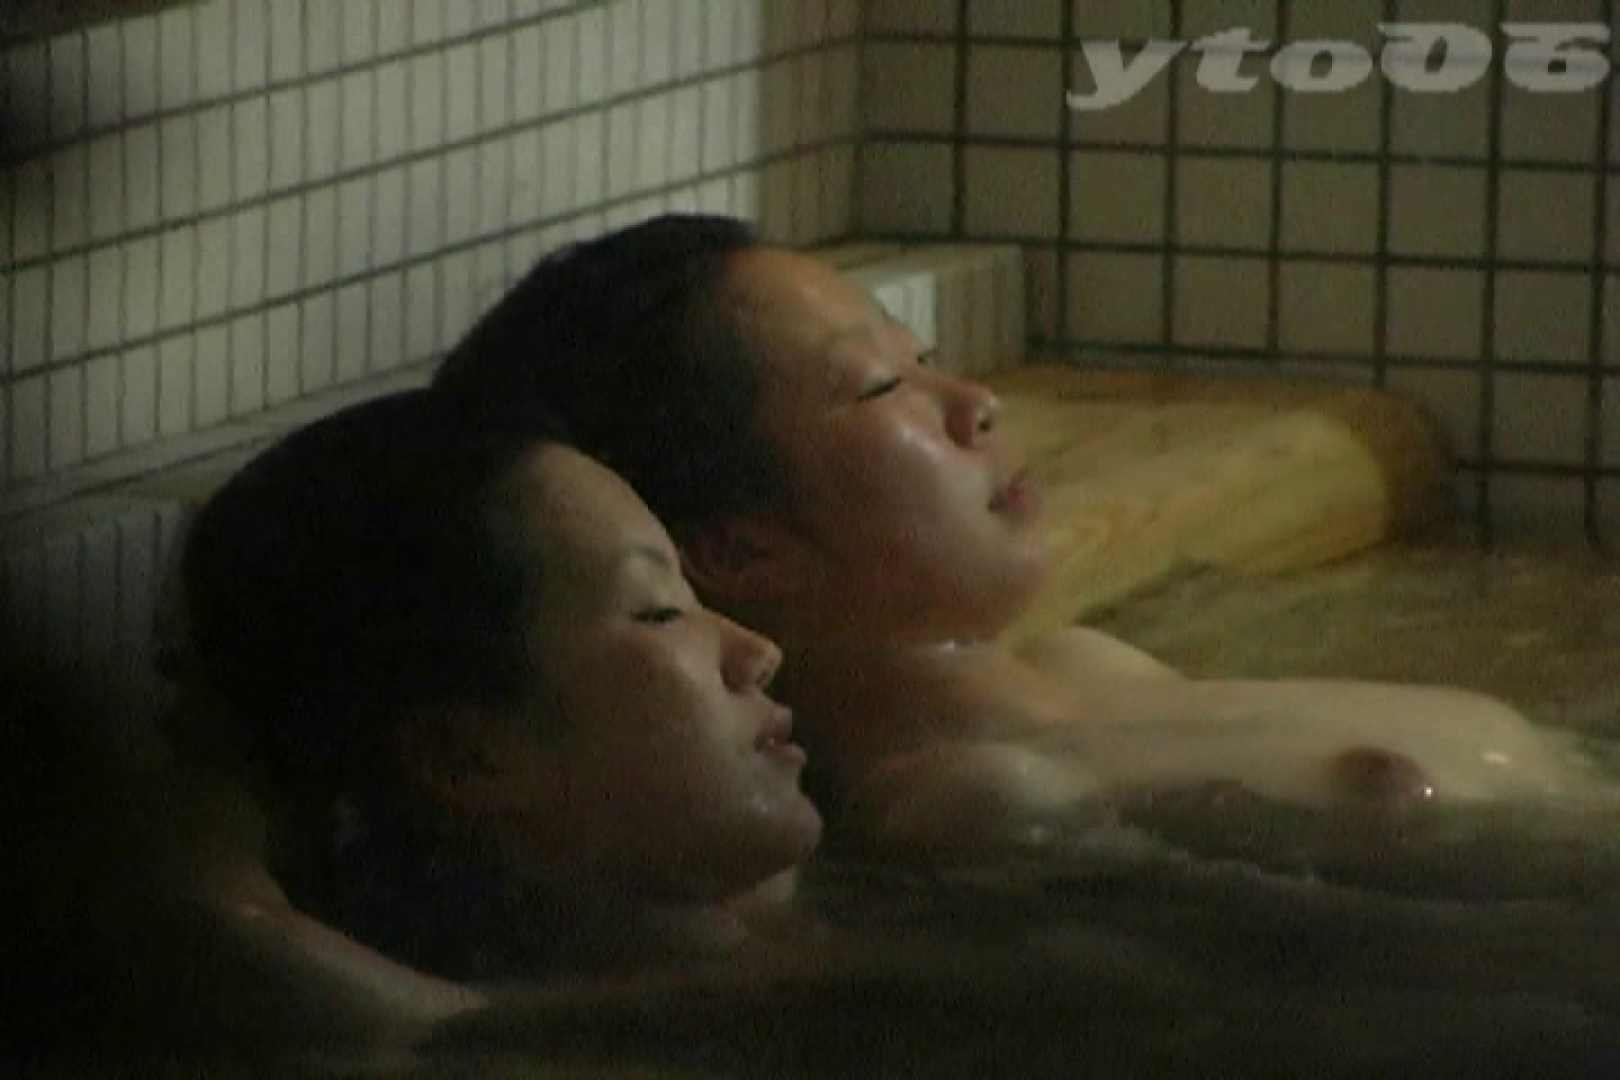 ▲復活限定▲合宿ホテル女風呂盗撮 Vol.32 女風呂 覗きワレメ動画紹介 42pic 5